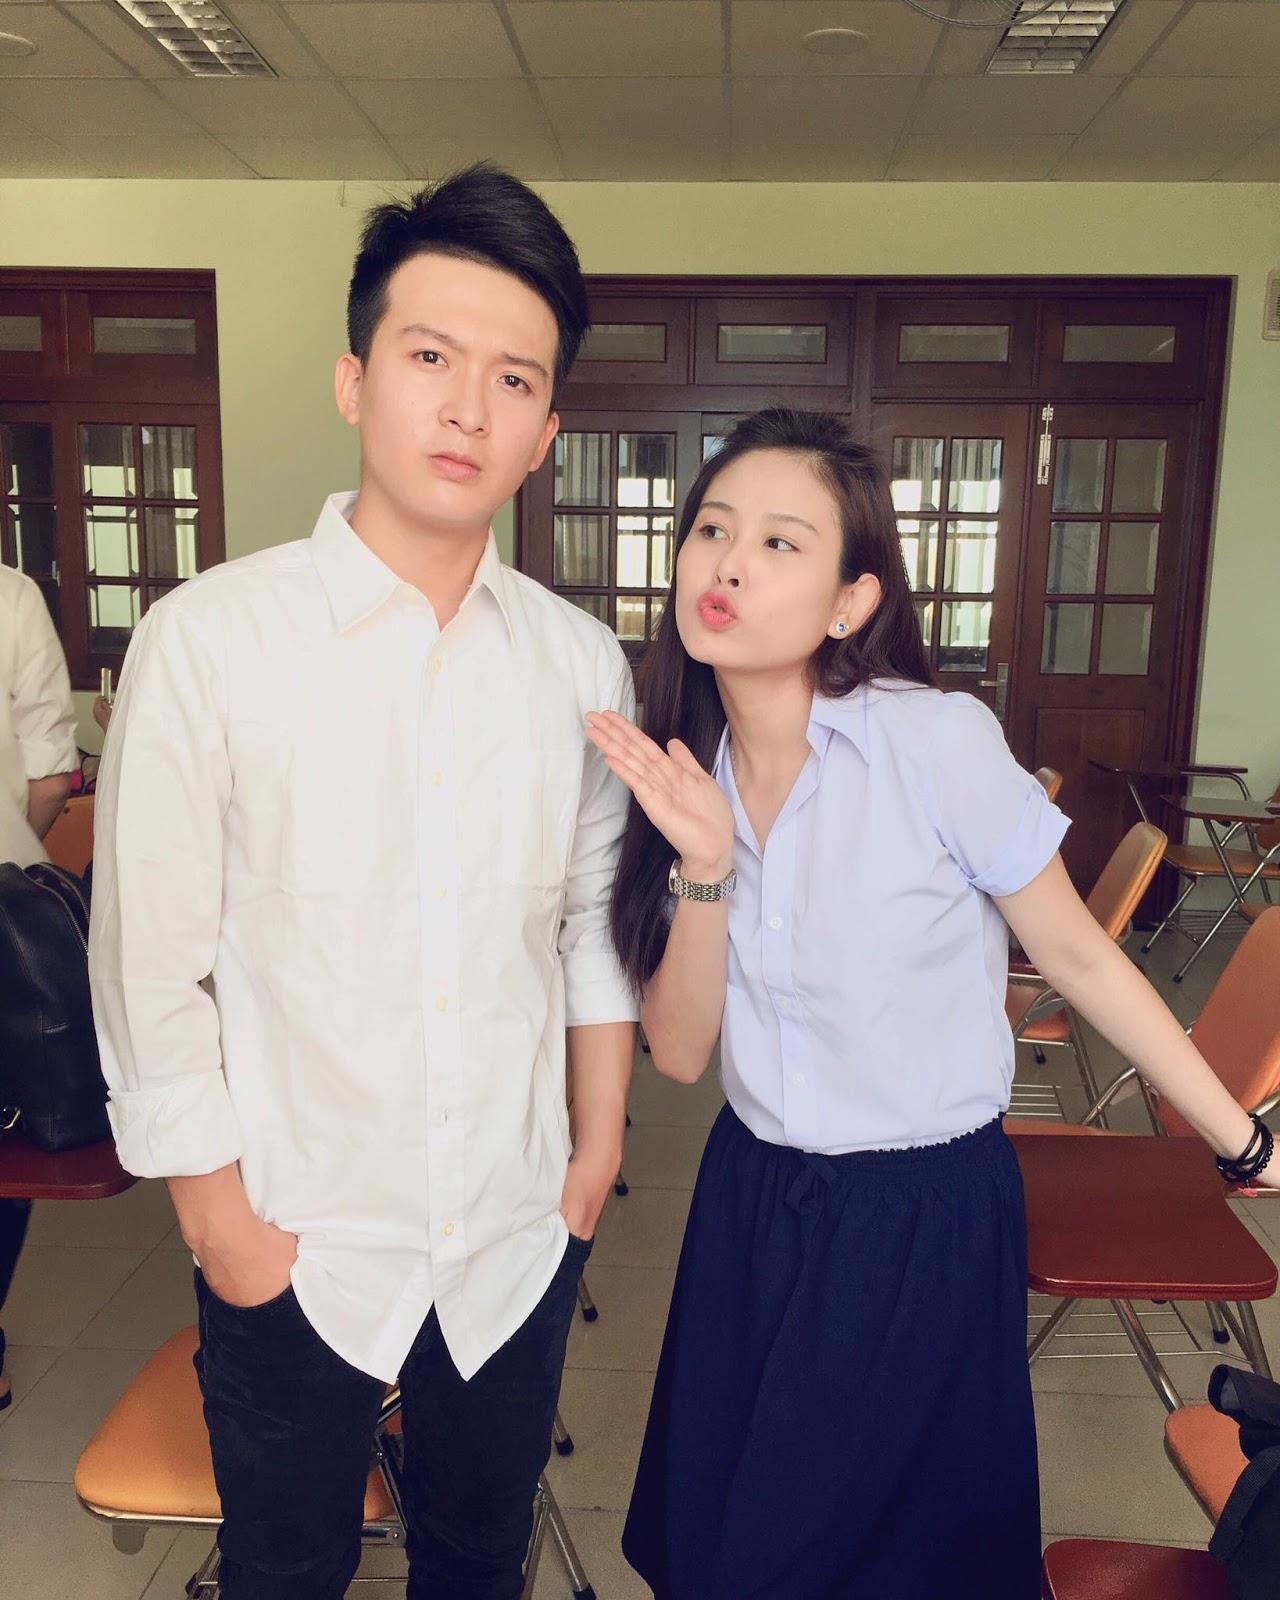 anh do thu faptv 2016 84 - HOT Girl Đỗ Thư FAPTV Gợi Cảm Quyến Rũ Mũm Mĩm Đáng Yêu